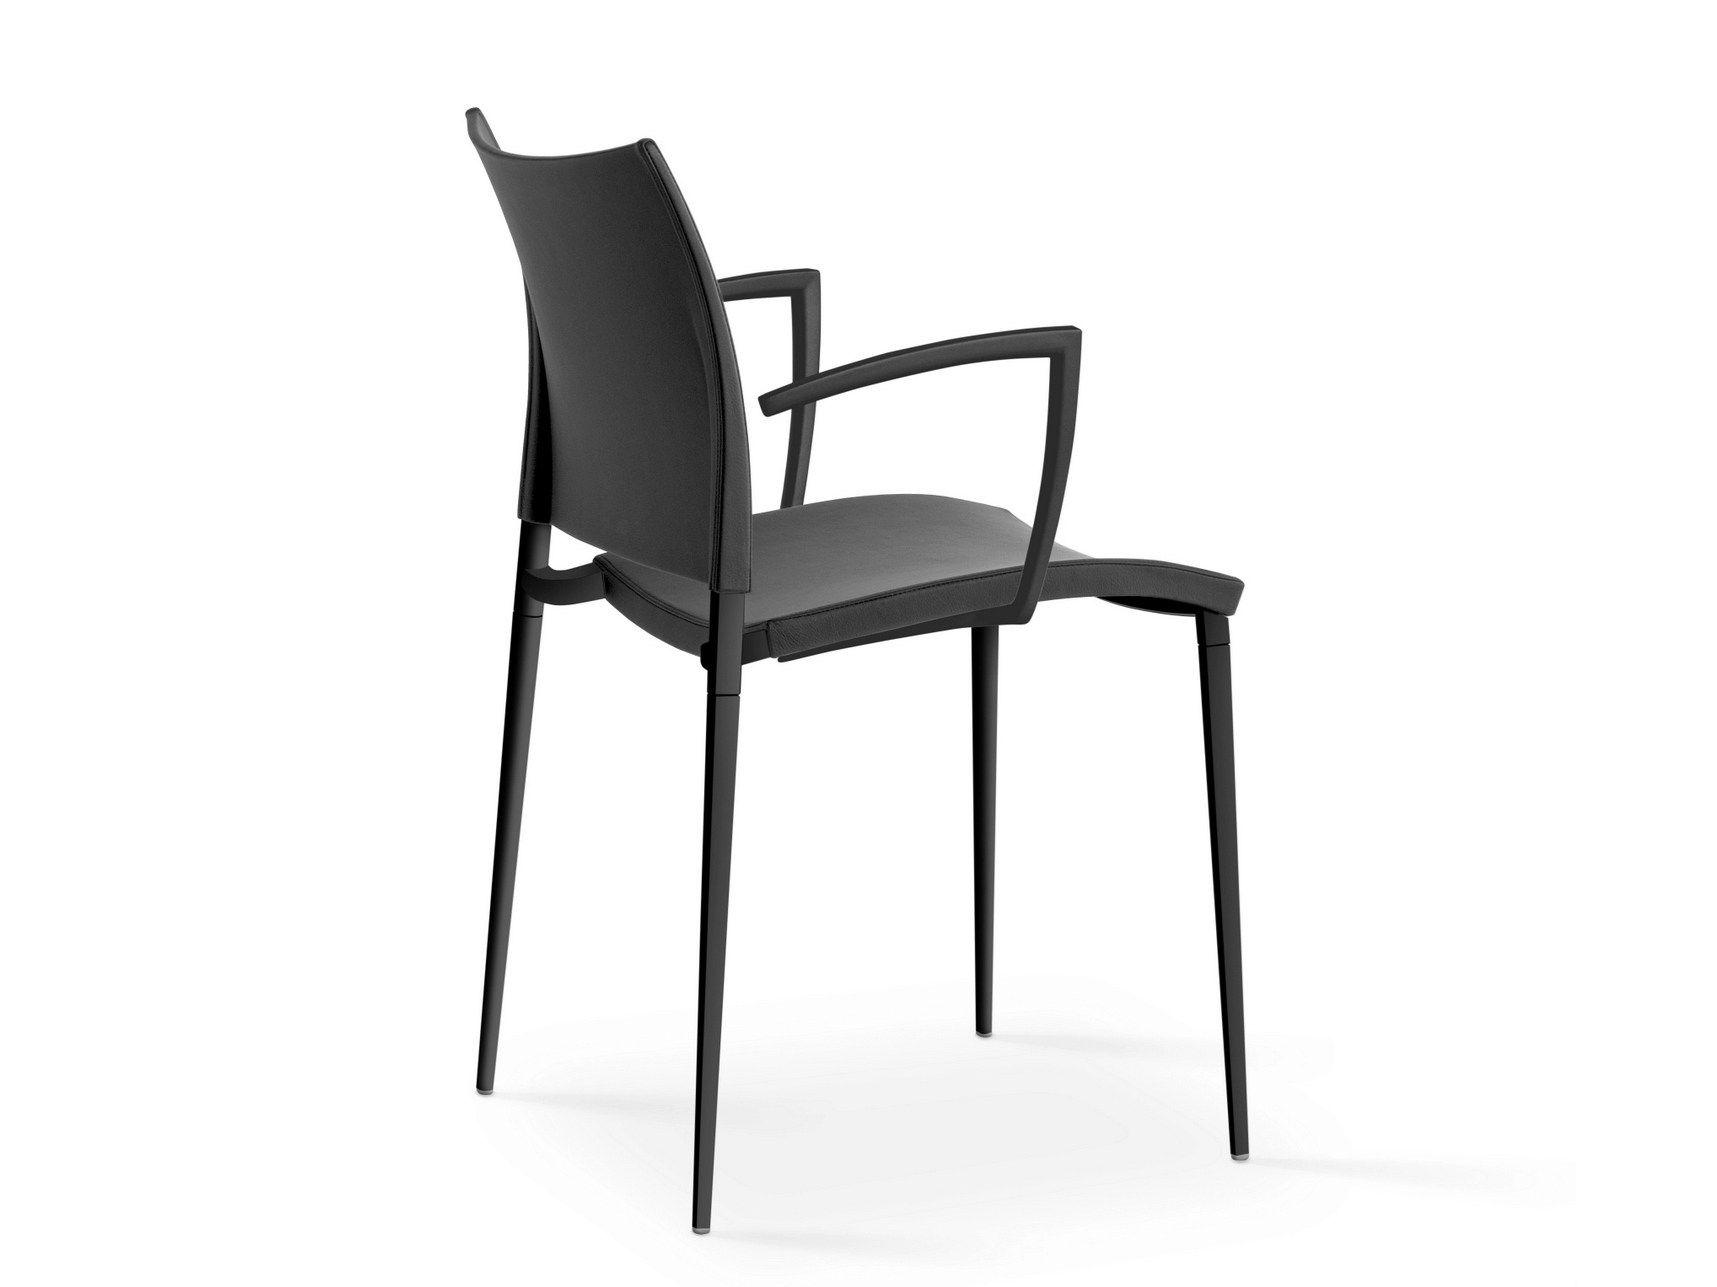 Sand sedia in polipropilene by desalto design claudio dondoli marco pocci - Sedia polipropilene impilabile ...